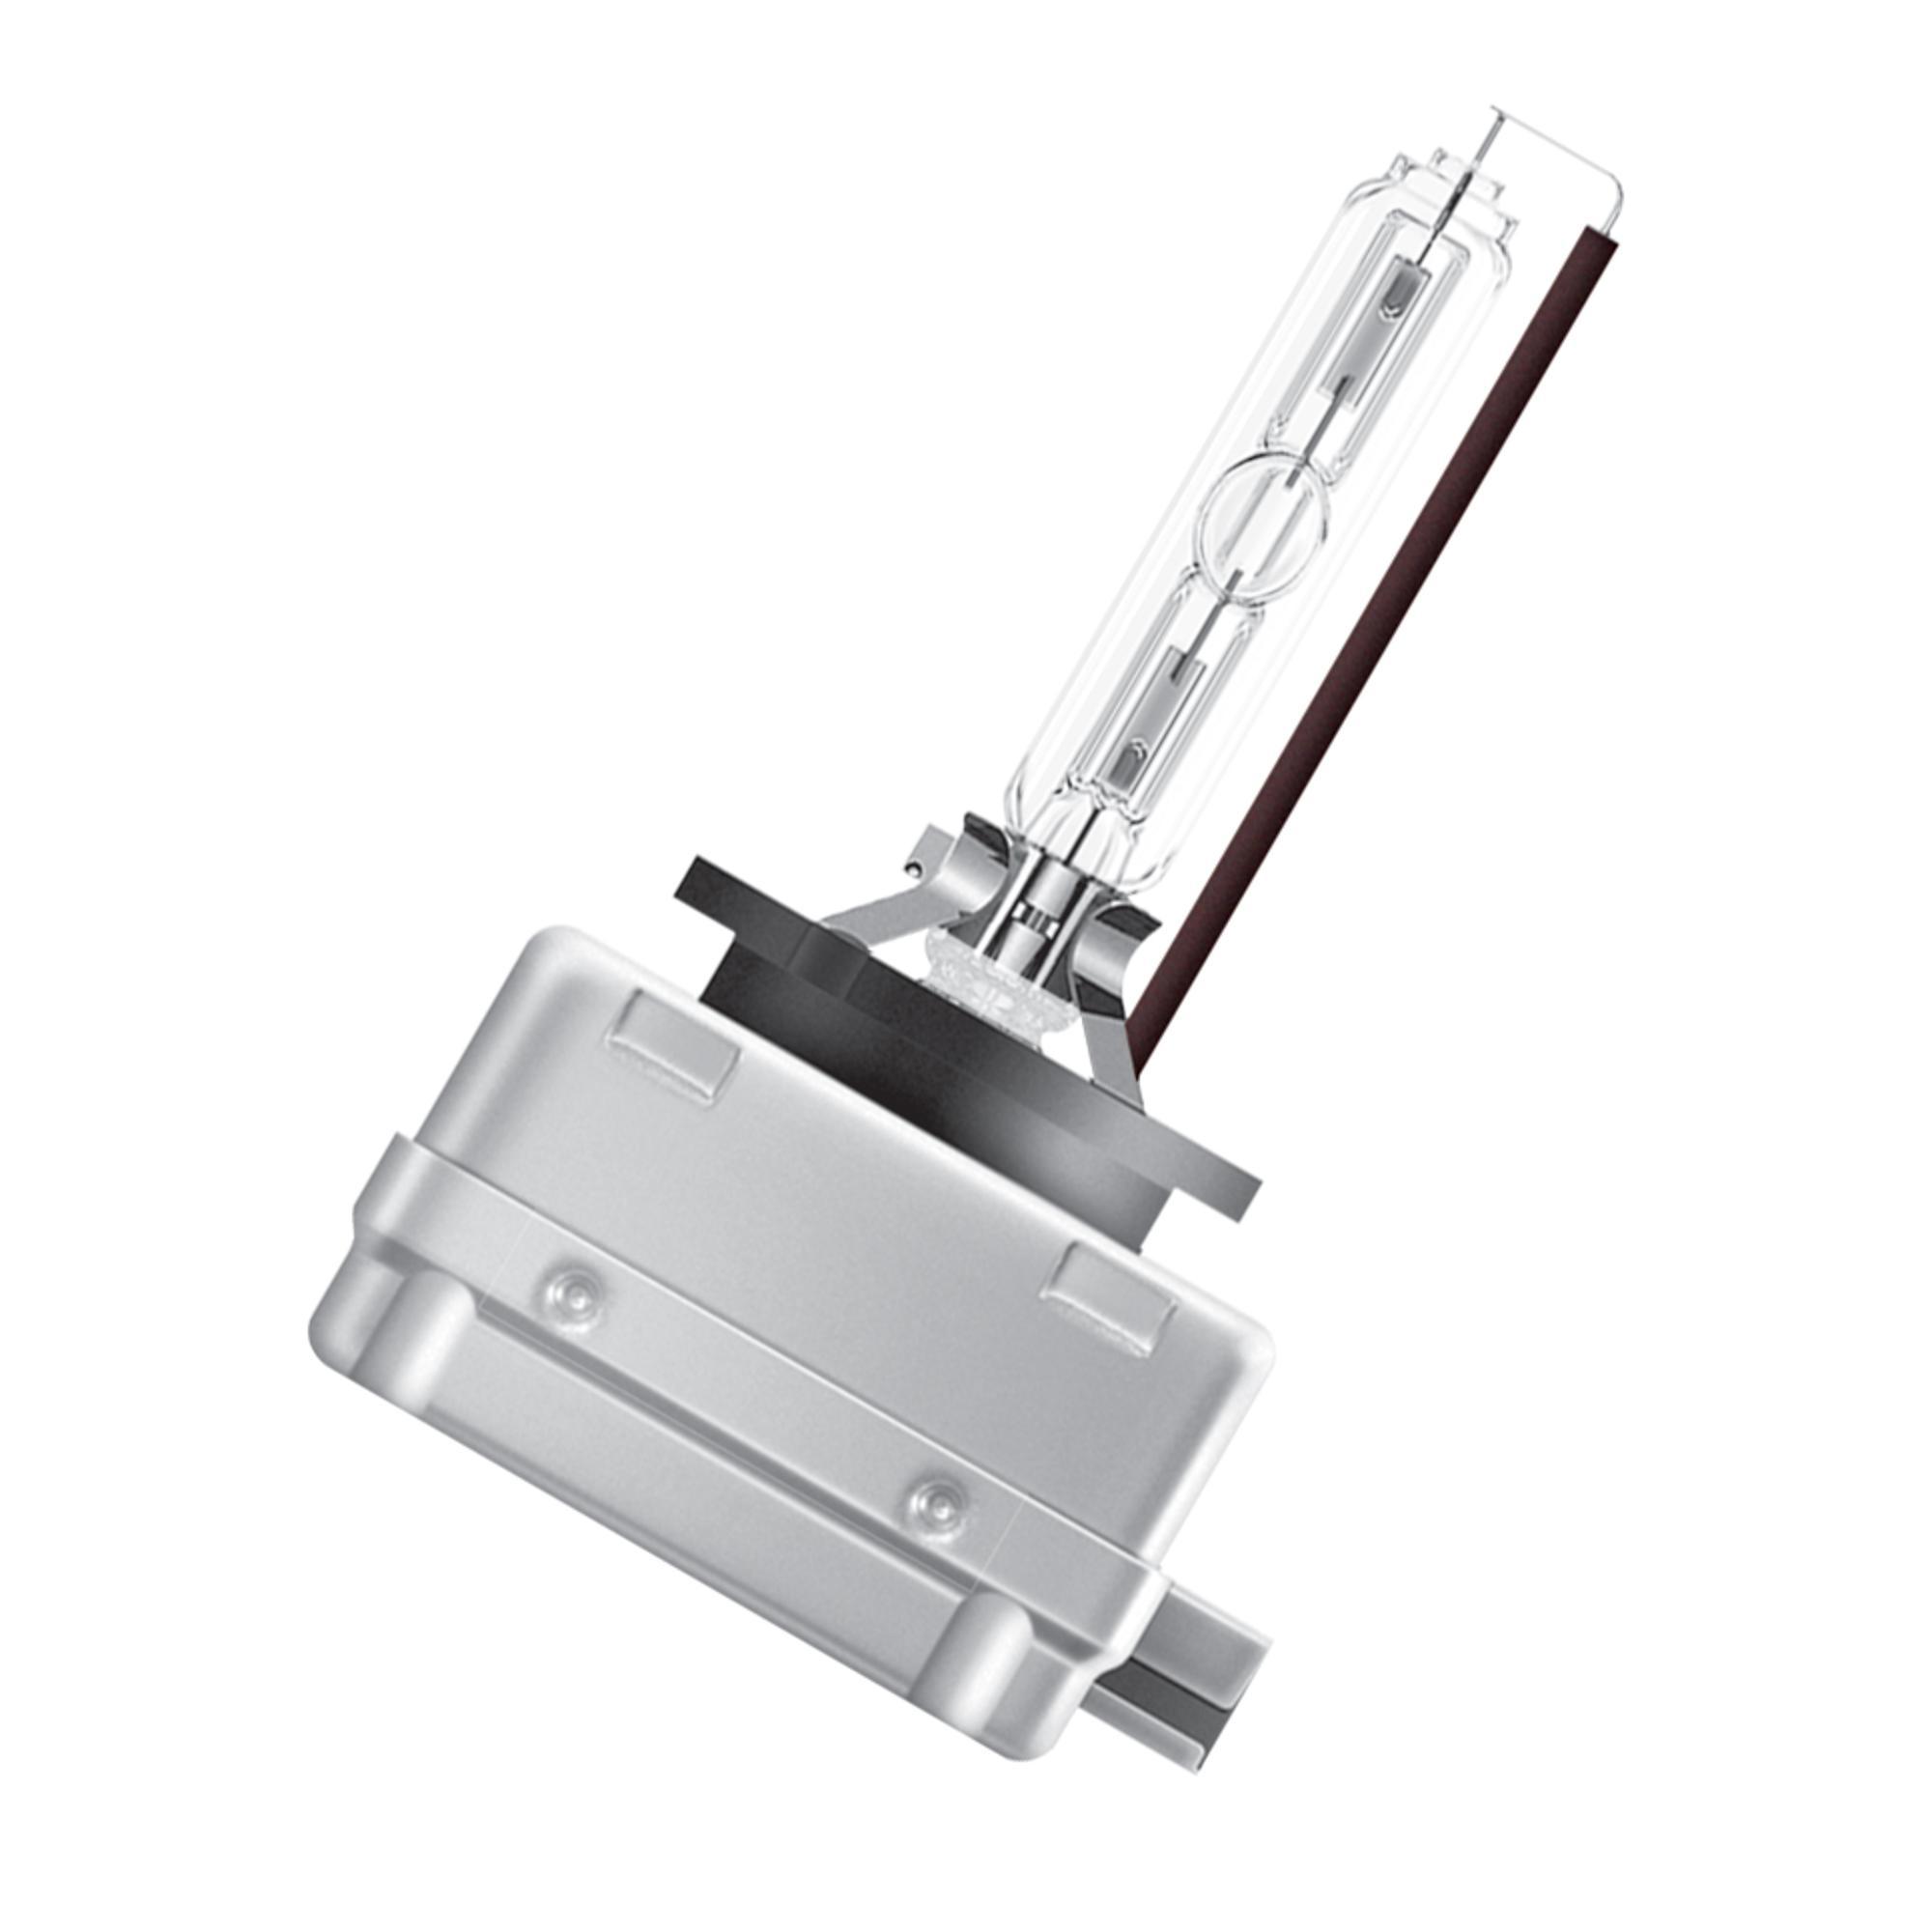 Żarówka, reflektor dalekosiężny OSRAM 66140 fachowa wiedza